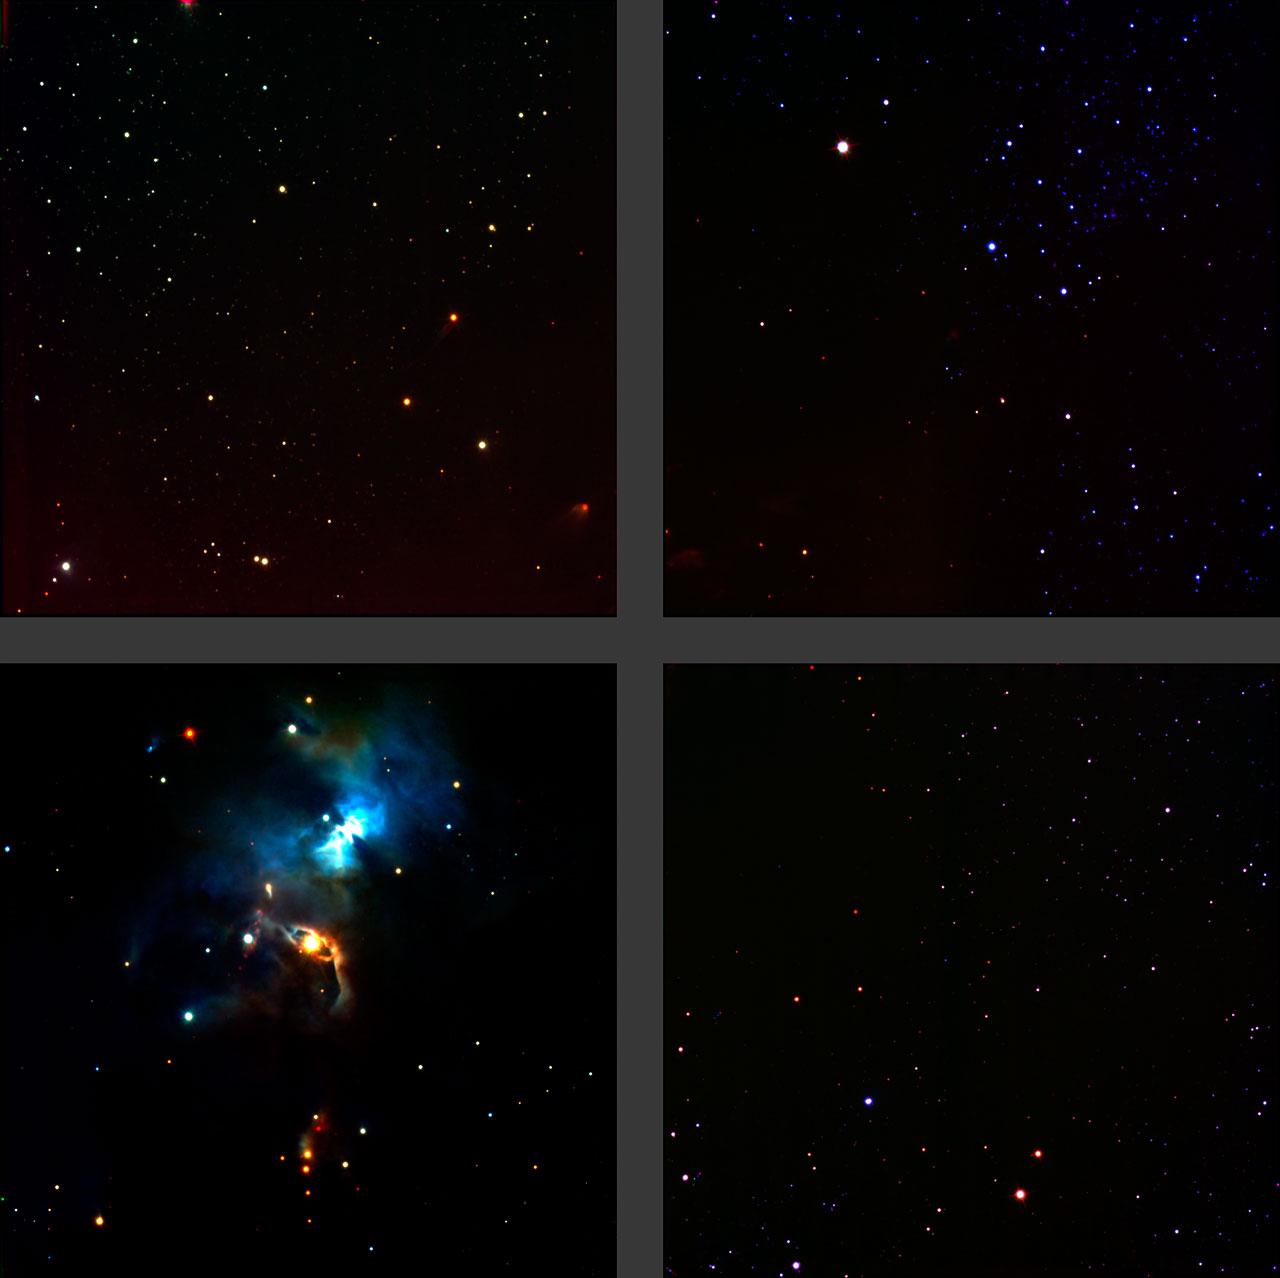 Región de formación de estrellas Serpens (HAWK-I/VLT)